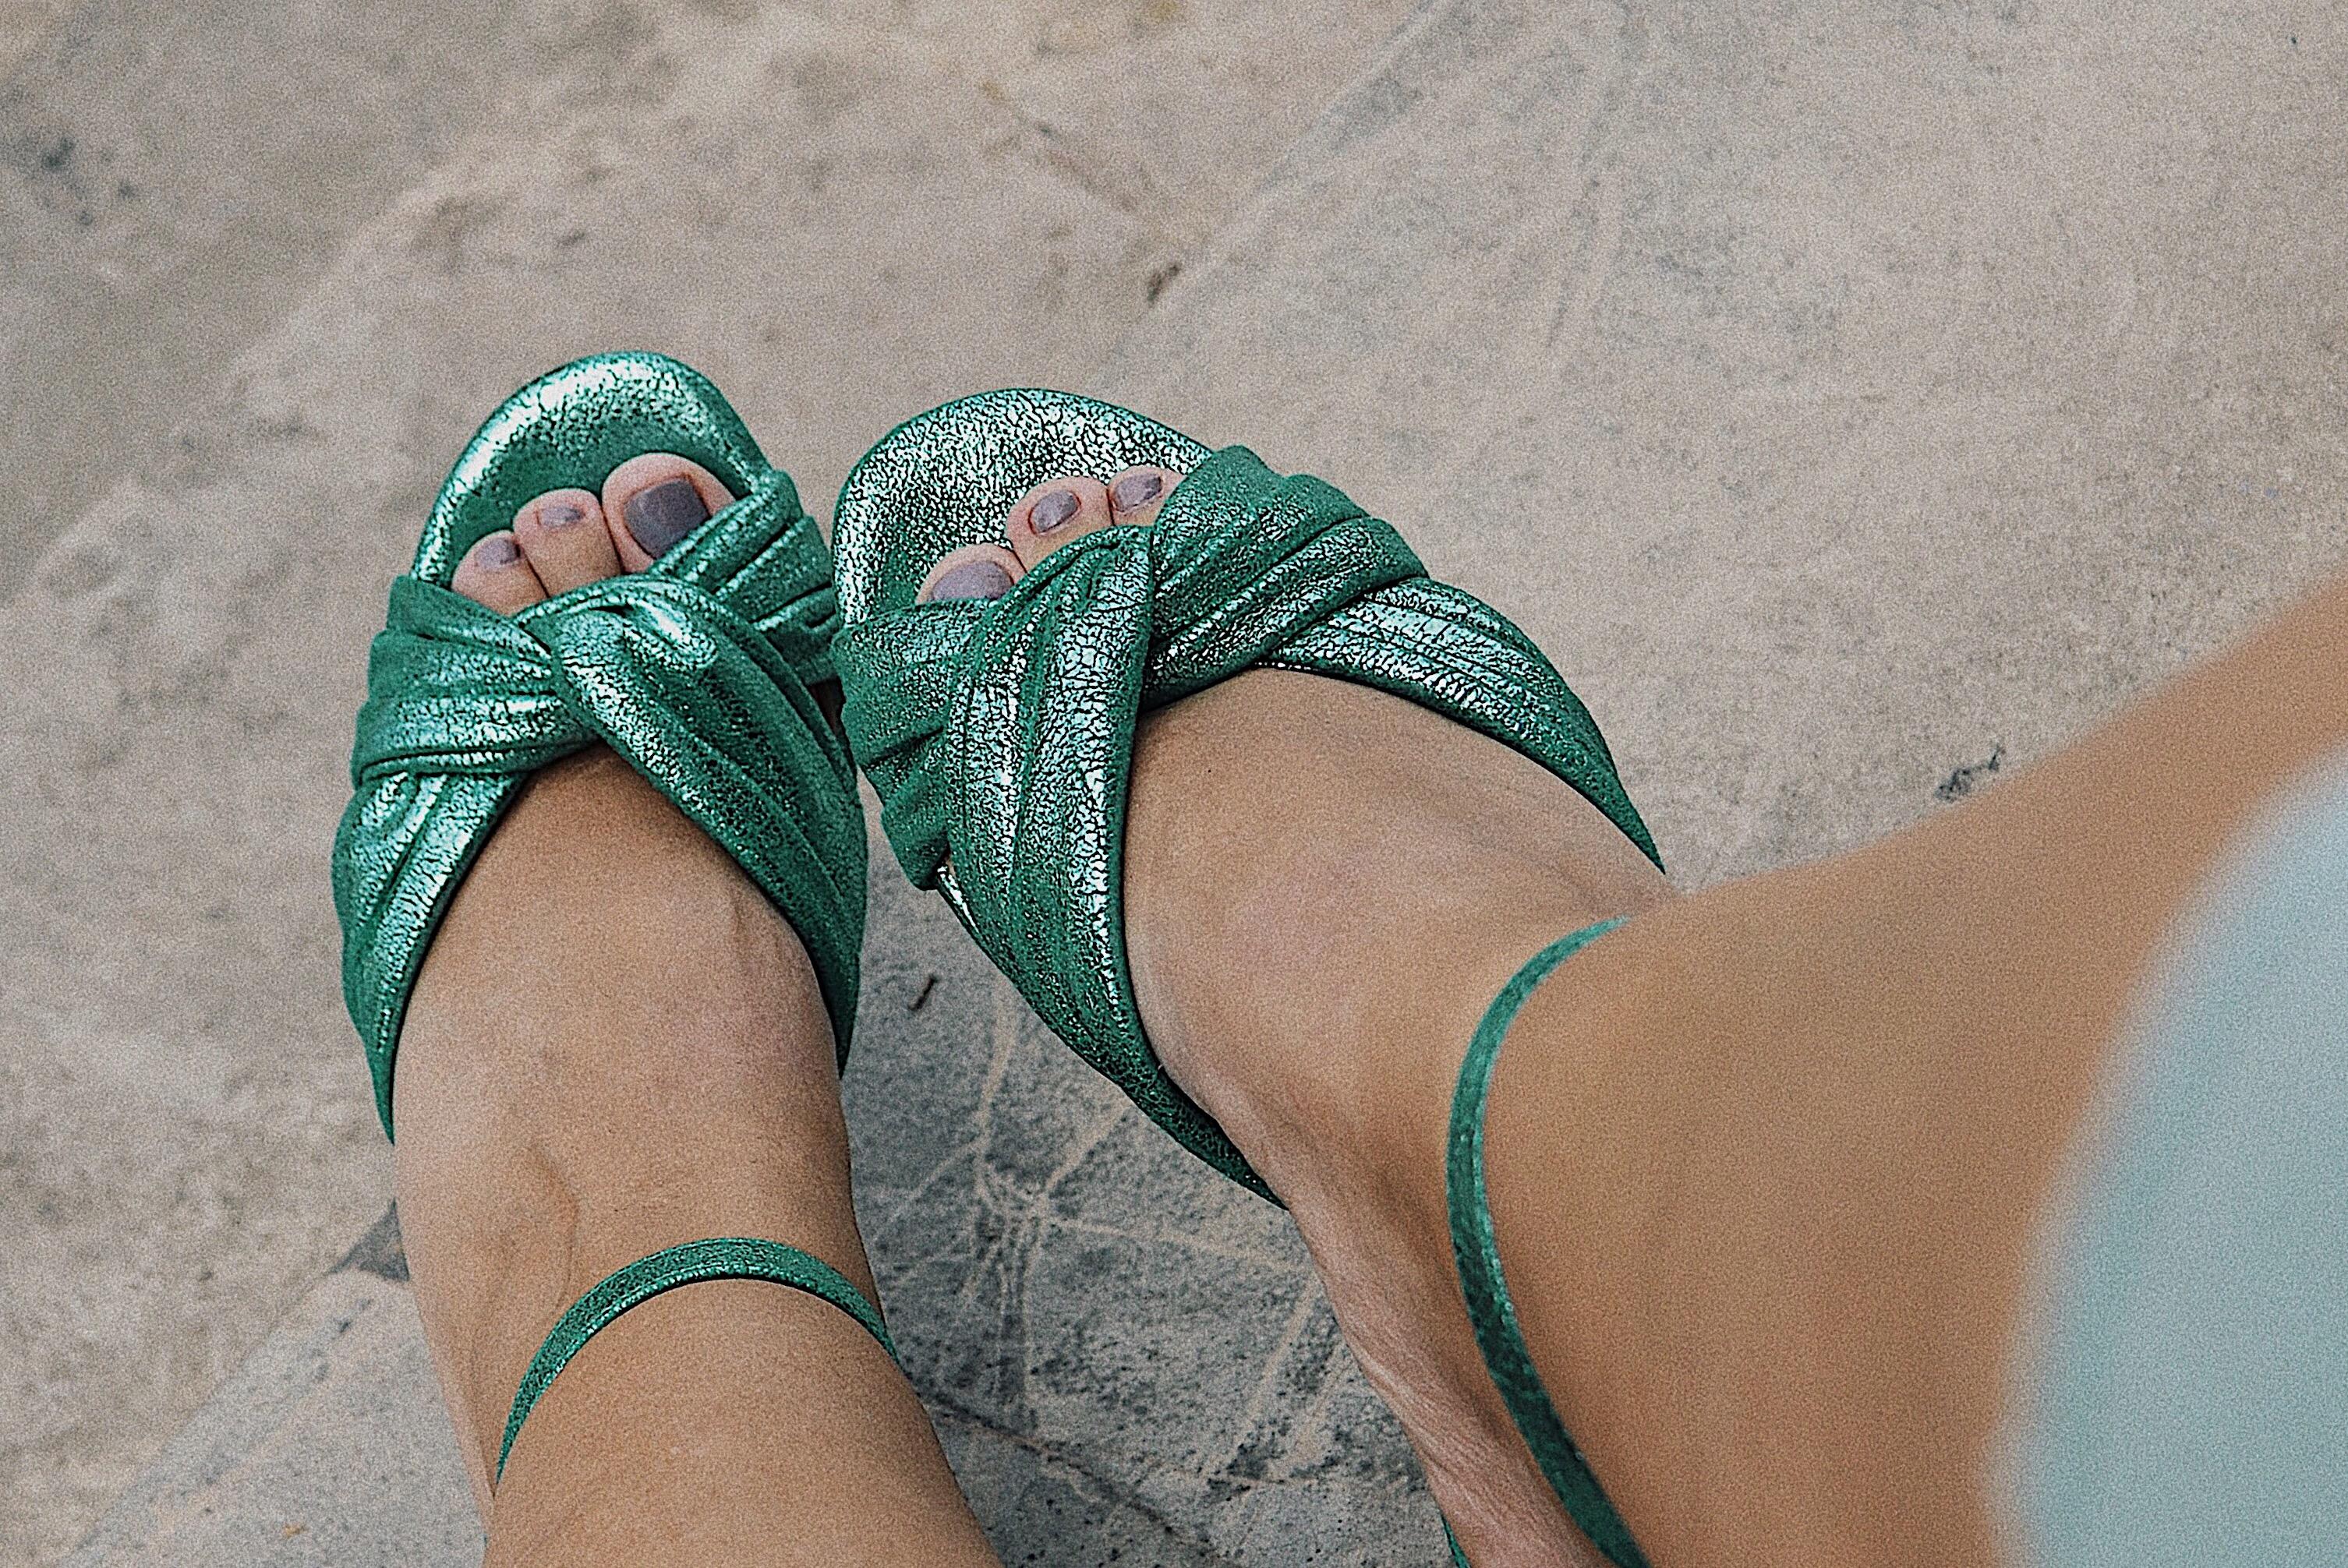 zapatos verde metálico zara